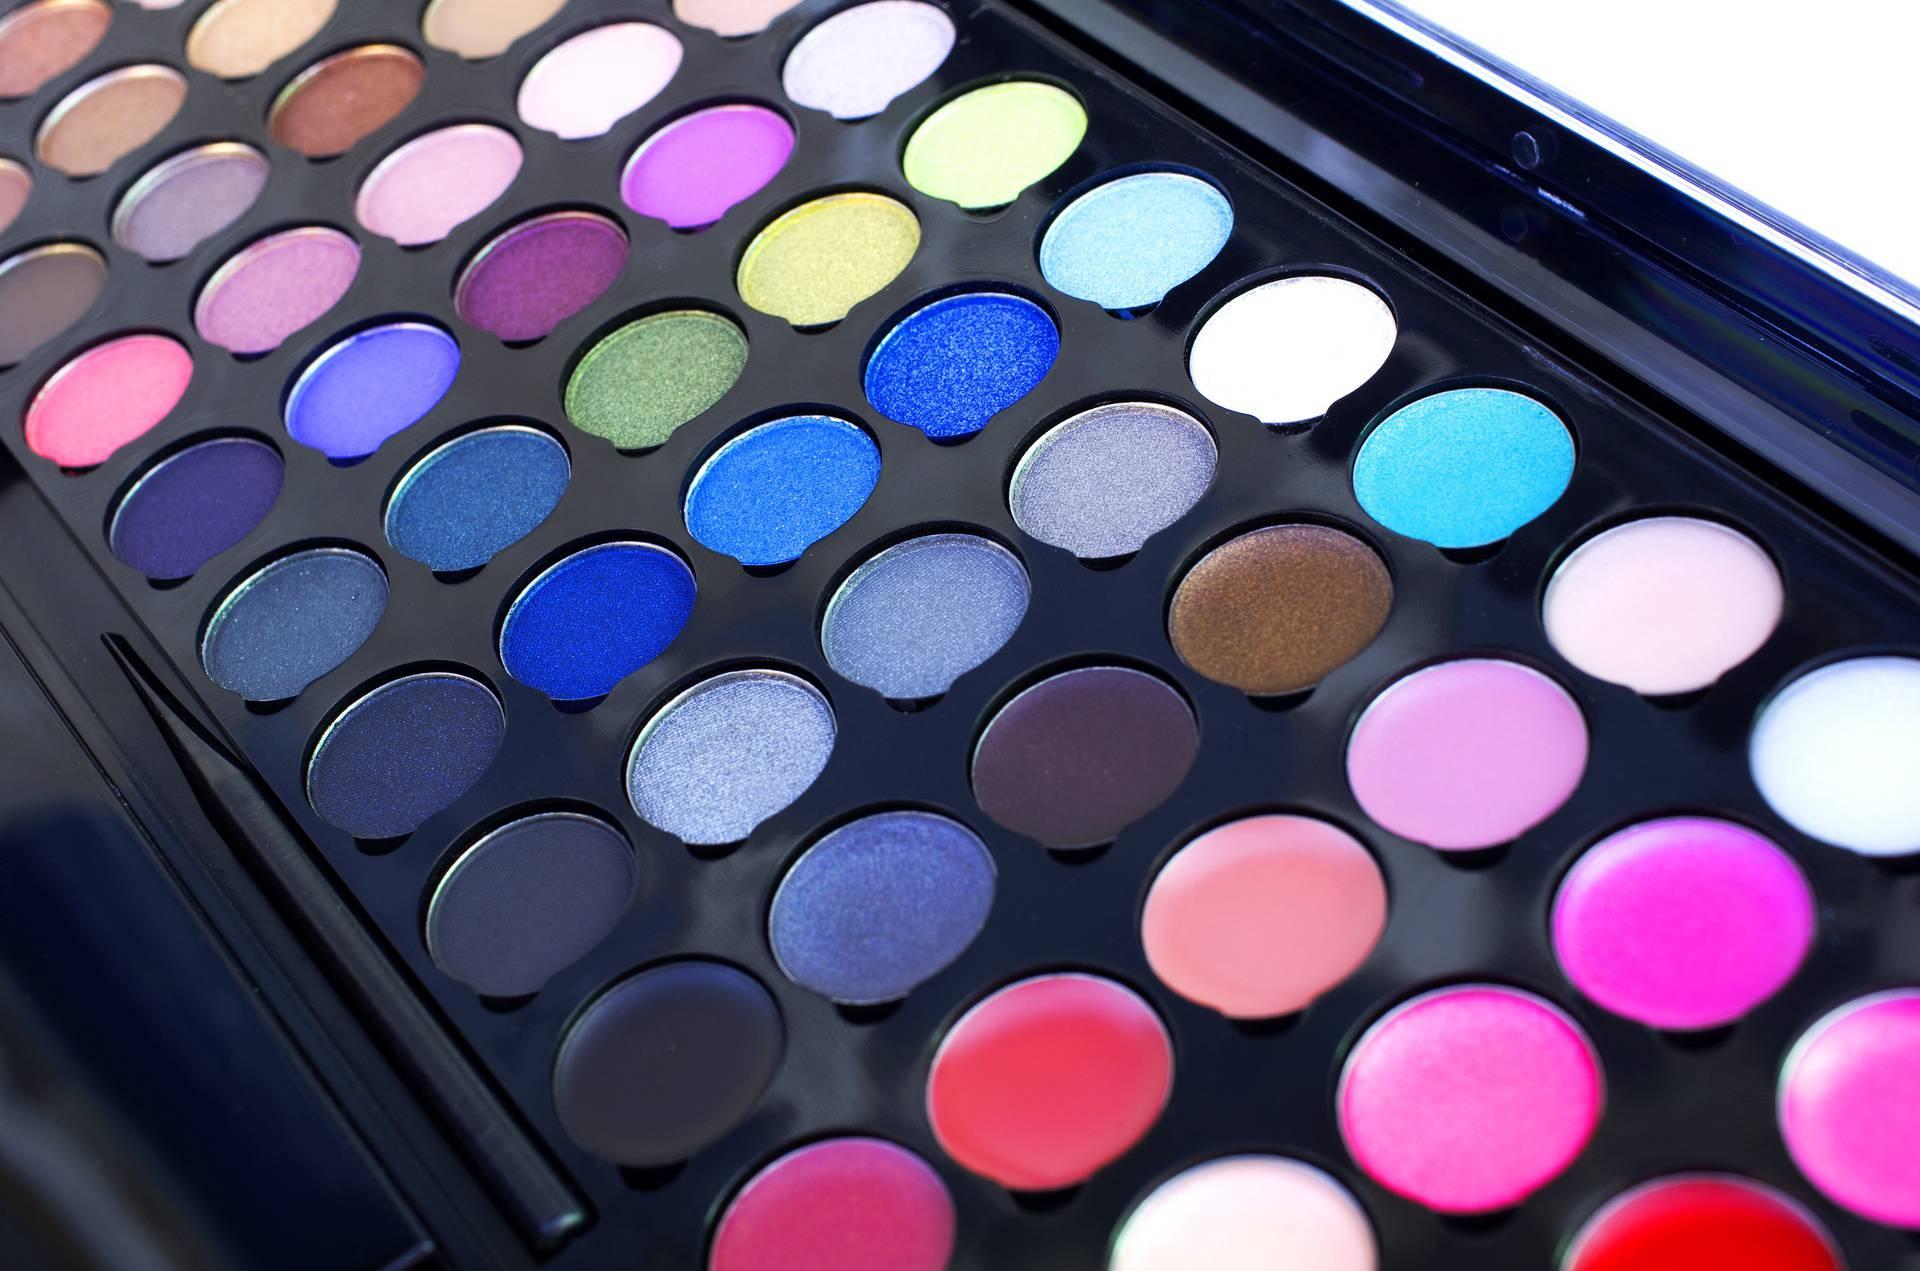 L'Oreal želi da im vratite staru šminku kako bi je reciklirali